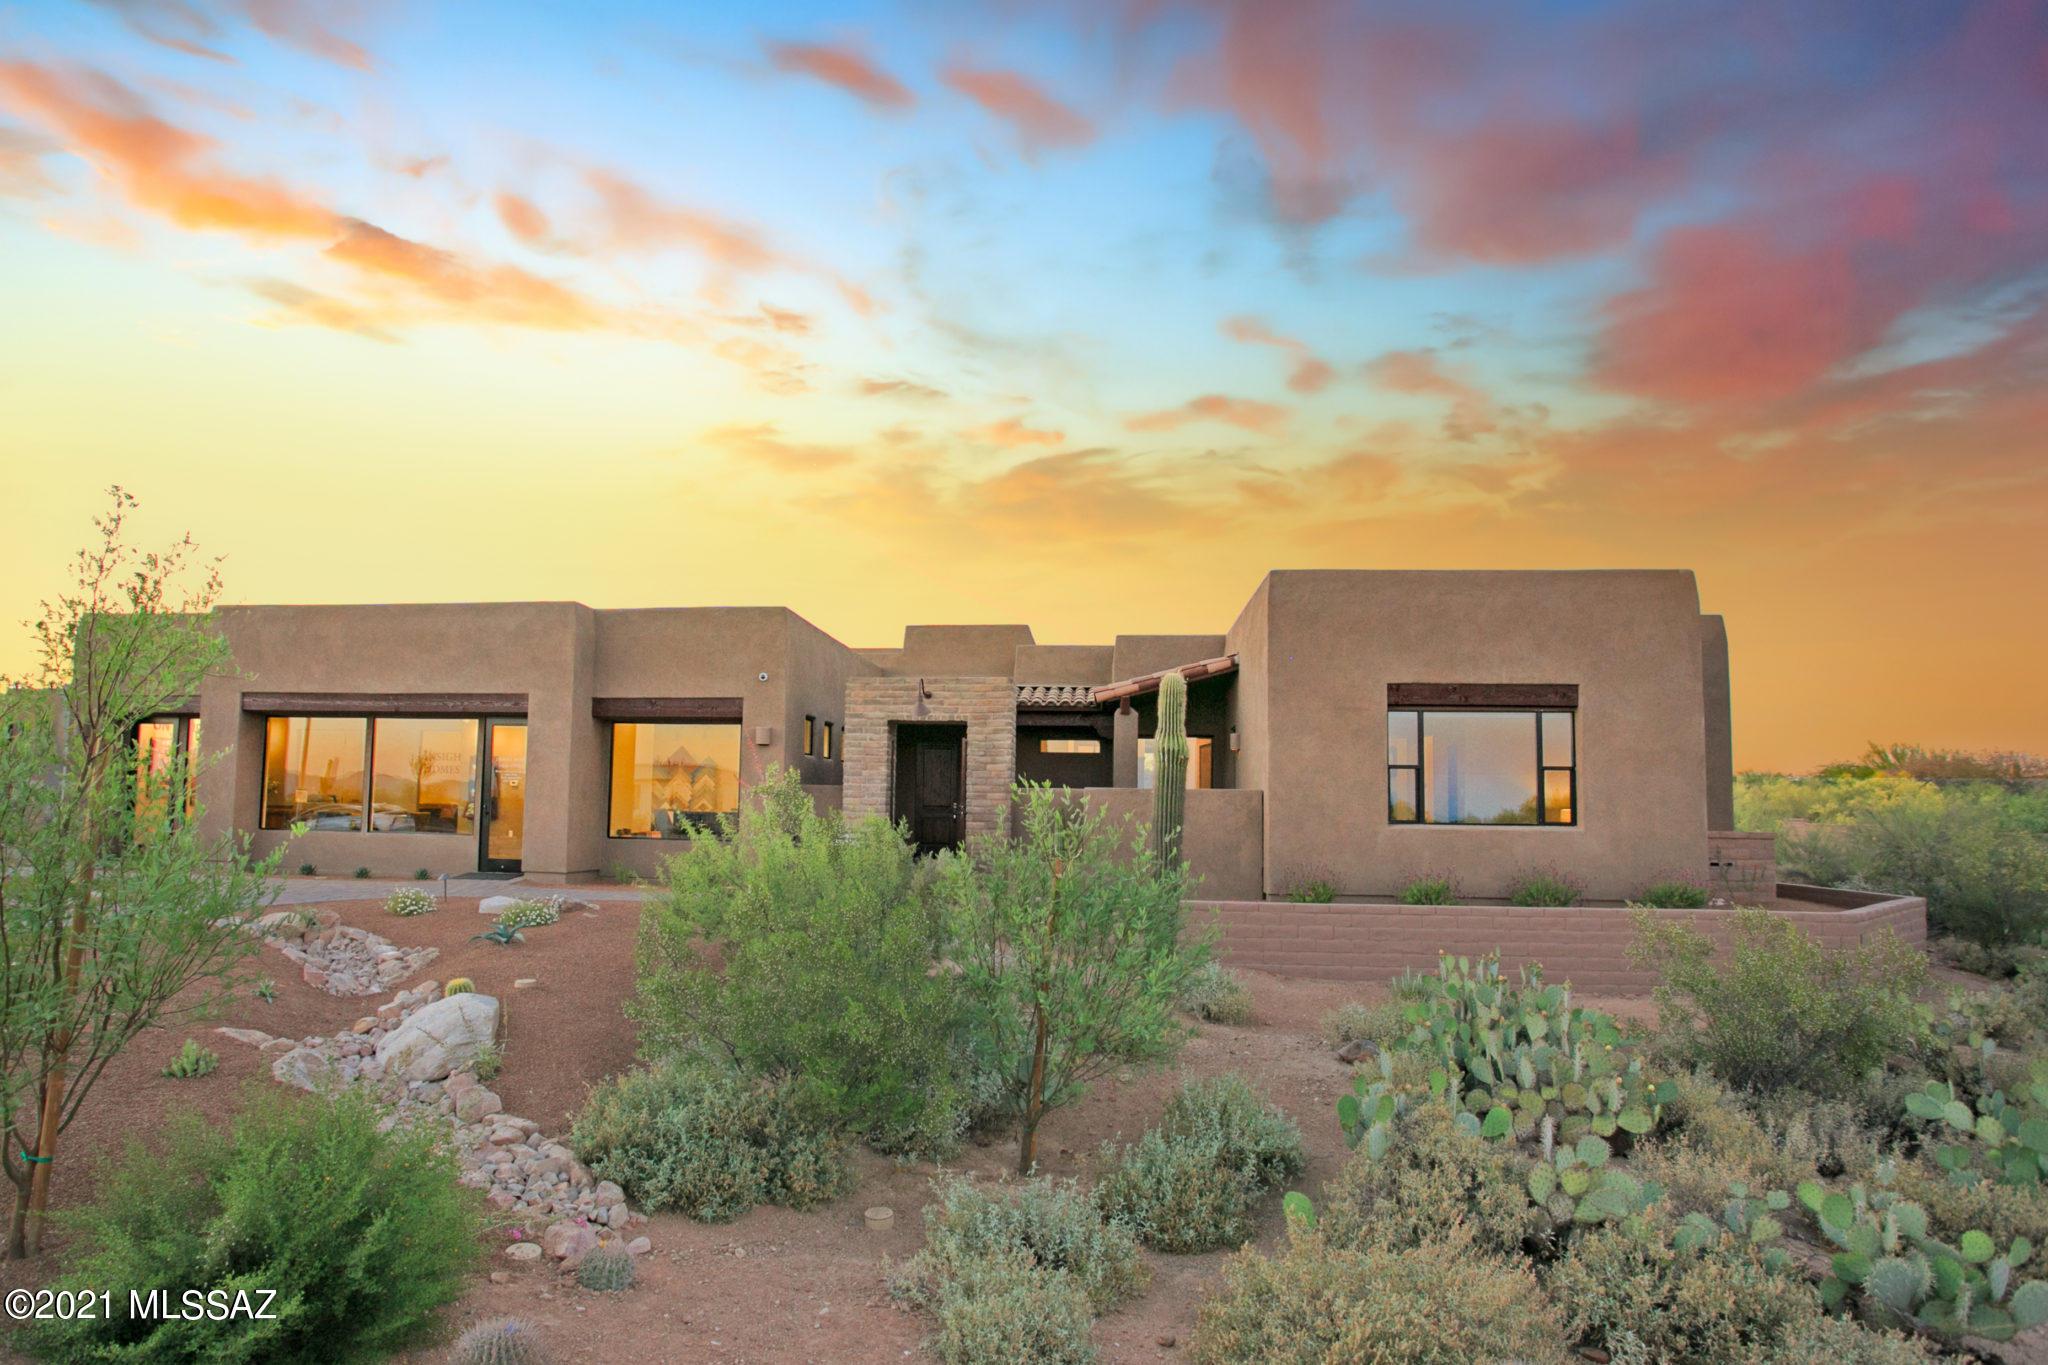 1240 W Placita La Greda, Oro Valley, Arizona 85755, 4 Bedrooms Bedrooms, ,4 BathroomsBathrooms,Single Family,For Sale,1240 W Placita La Greda,22105922